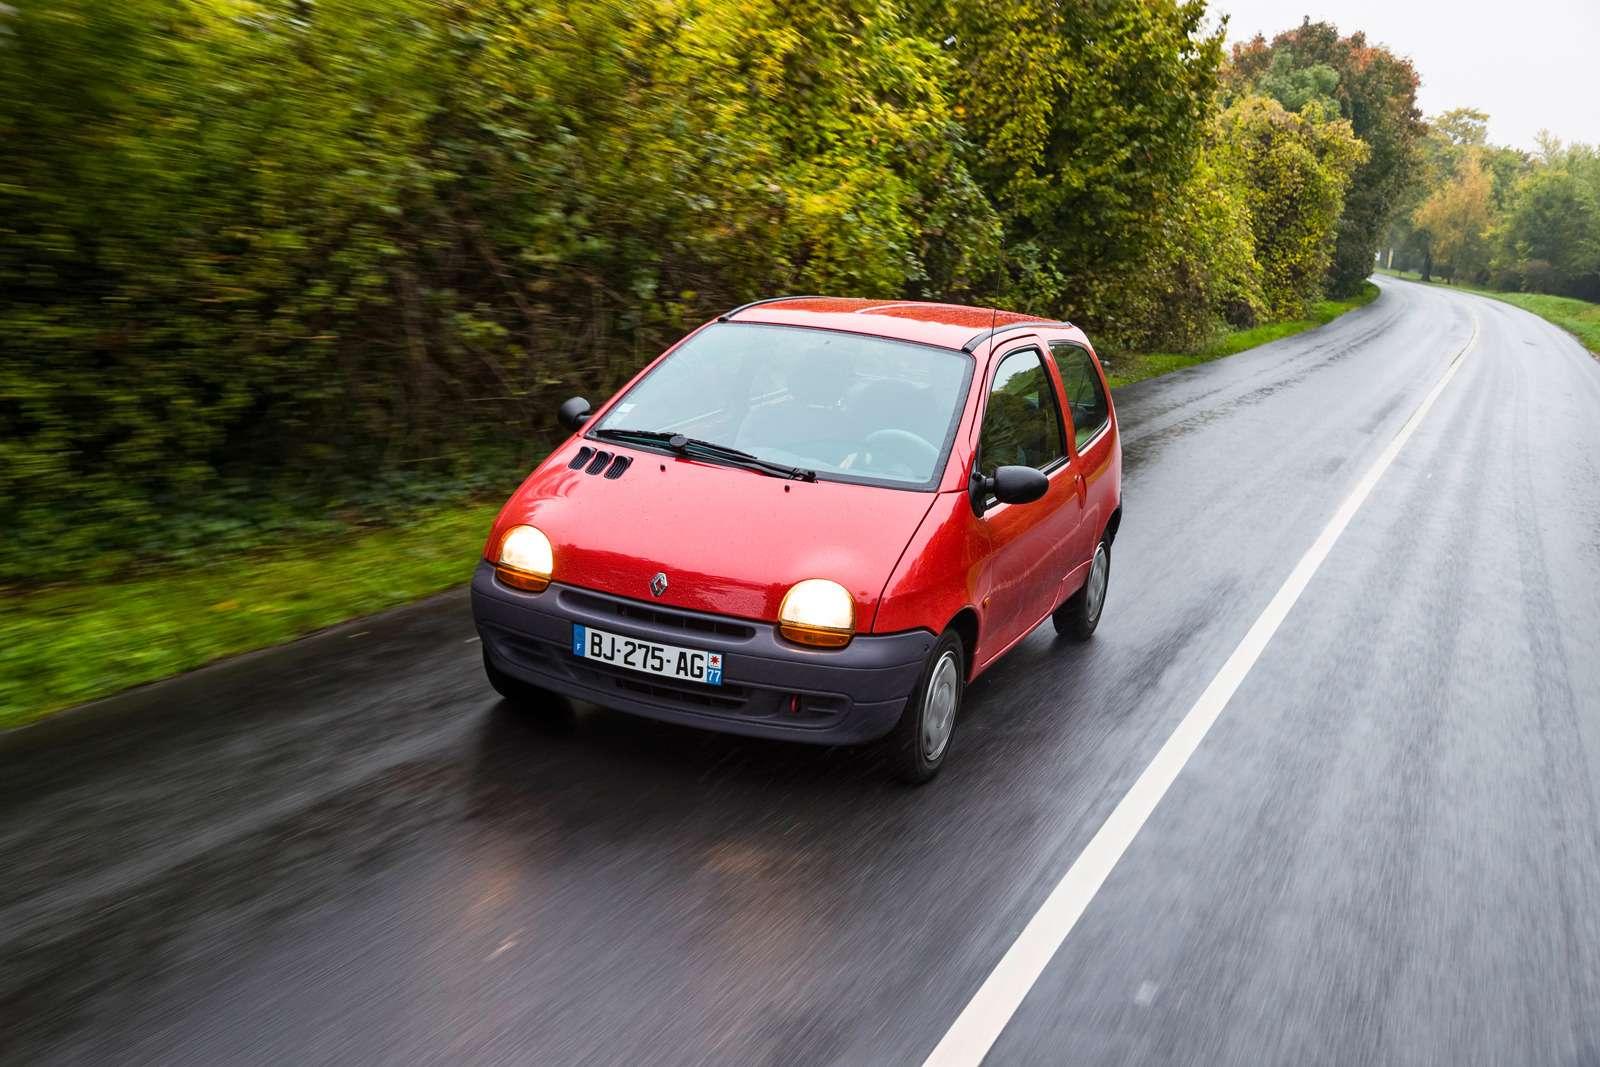 51-Renault-old_zr-01_16